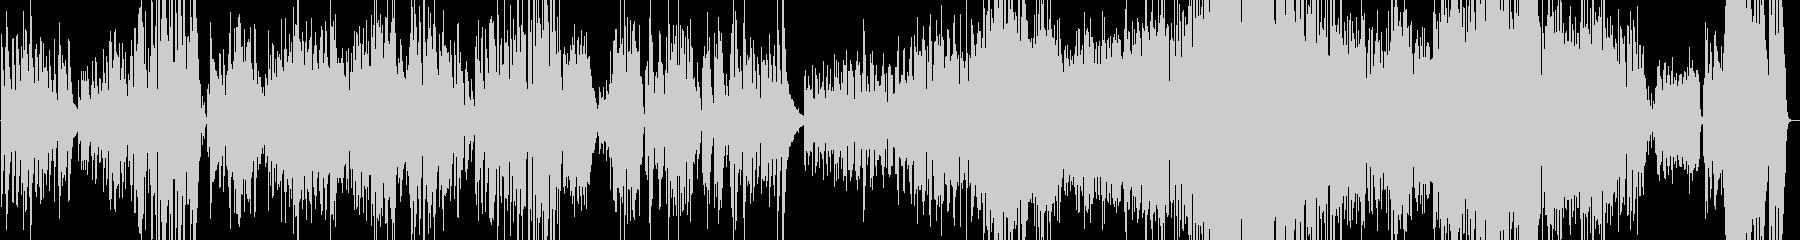 クラシックピアノ曲。複雑で洗練され...の未再生の波形